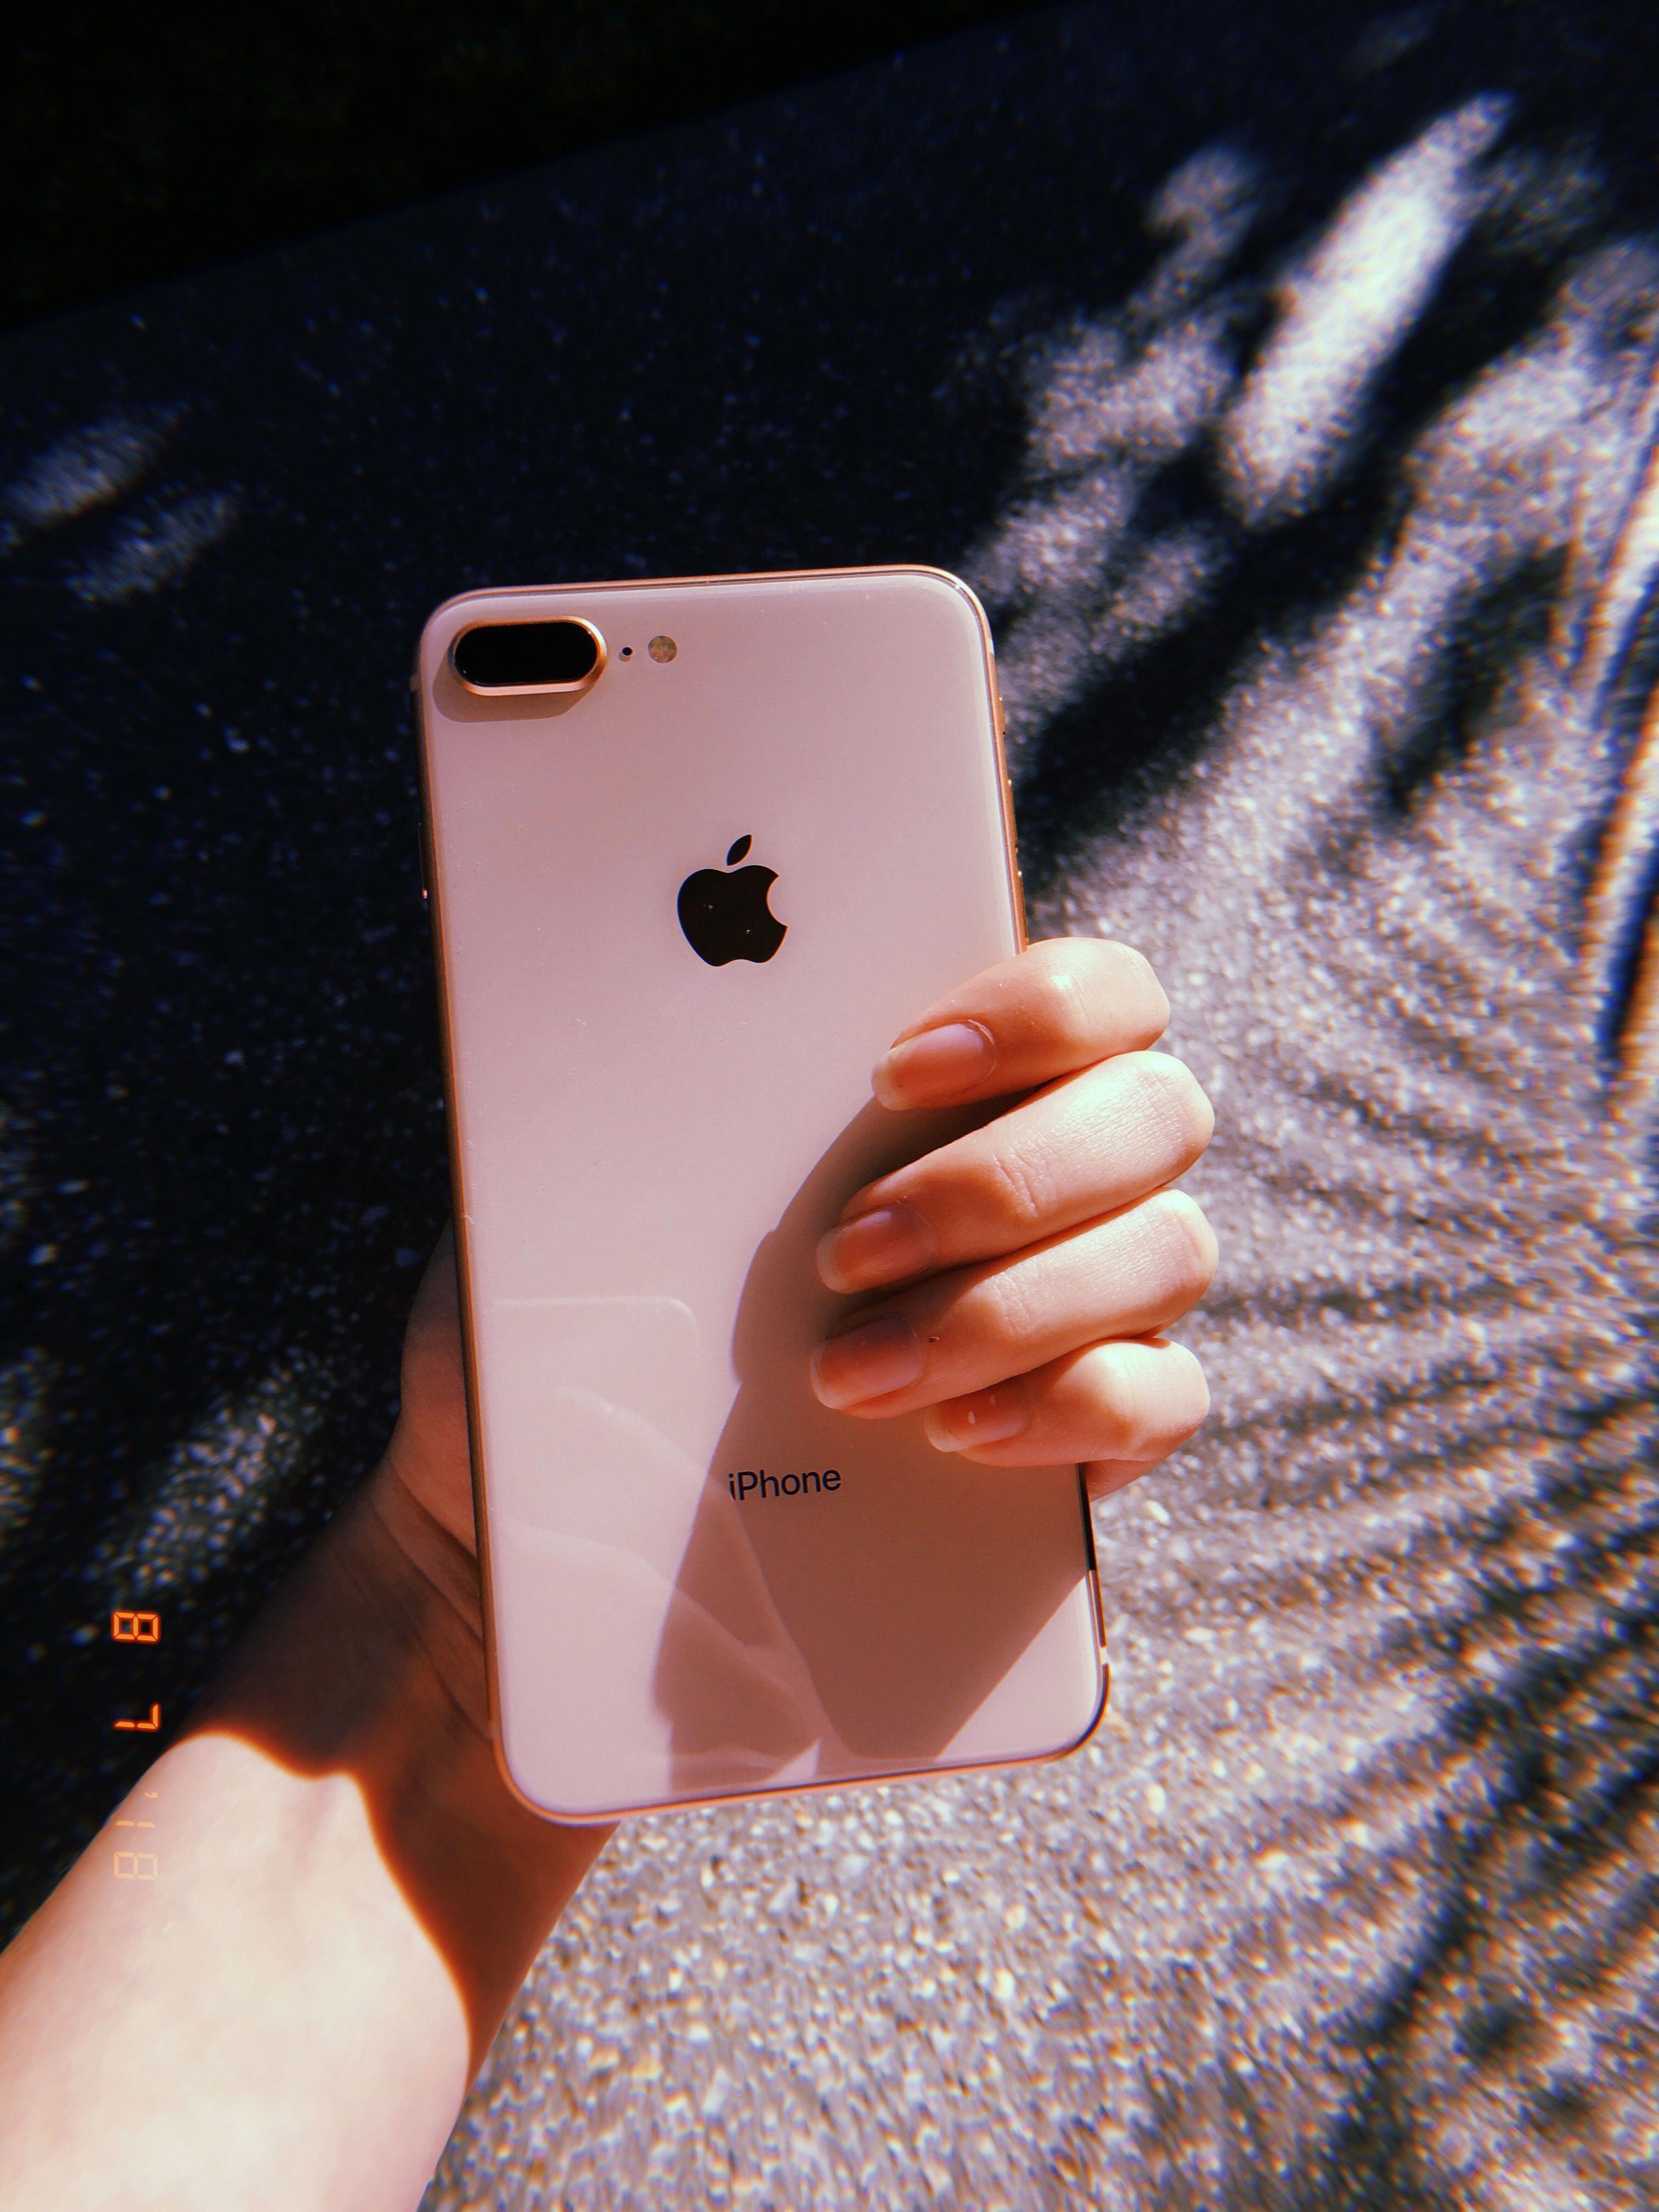 Iphone 8 Plus Rose Gold Iphone8plus Iphonex Iphone Iphone 7plus Rose Gold Iphone 8 Plus